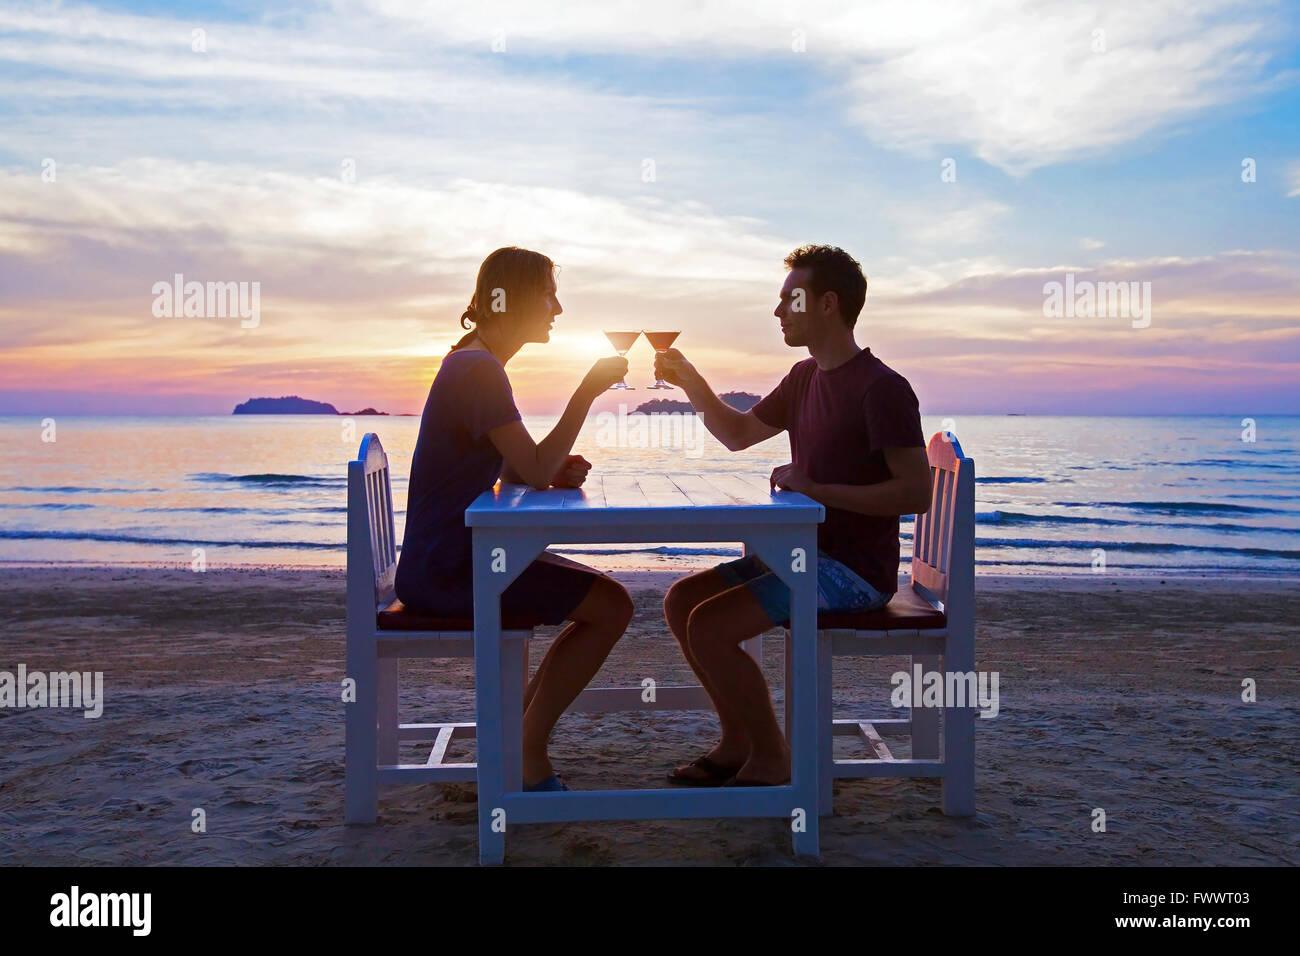 Cena romántica en la playa, en el restaurante de lujo, parejas en luna de miel bebiendo cócteles tropicales Imagen De Stock